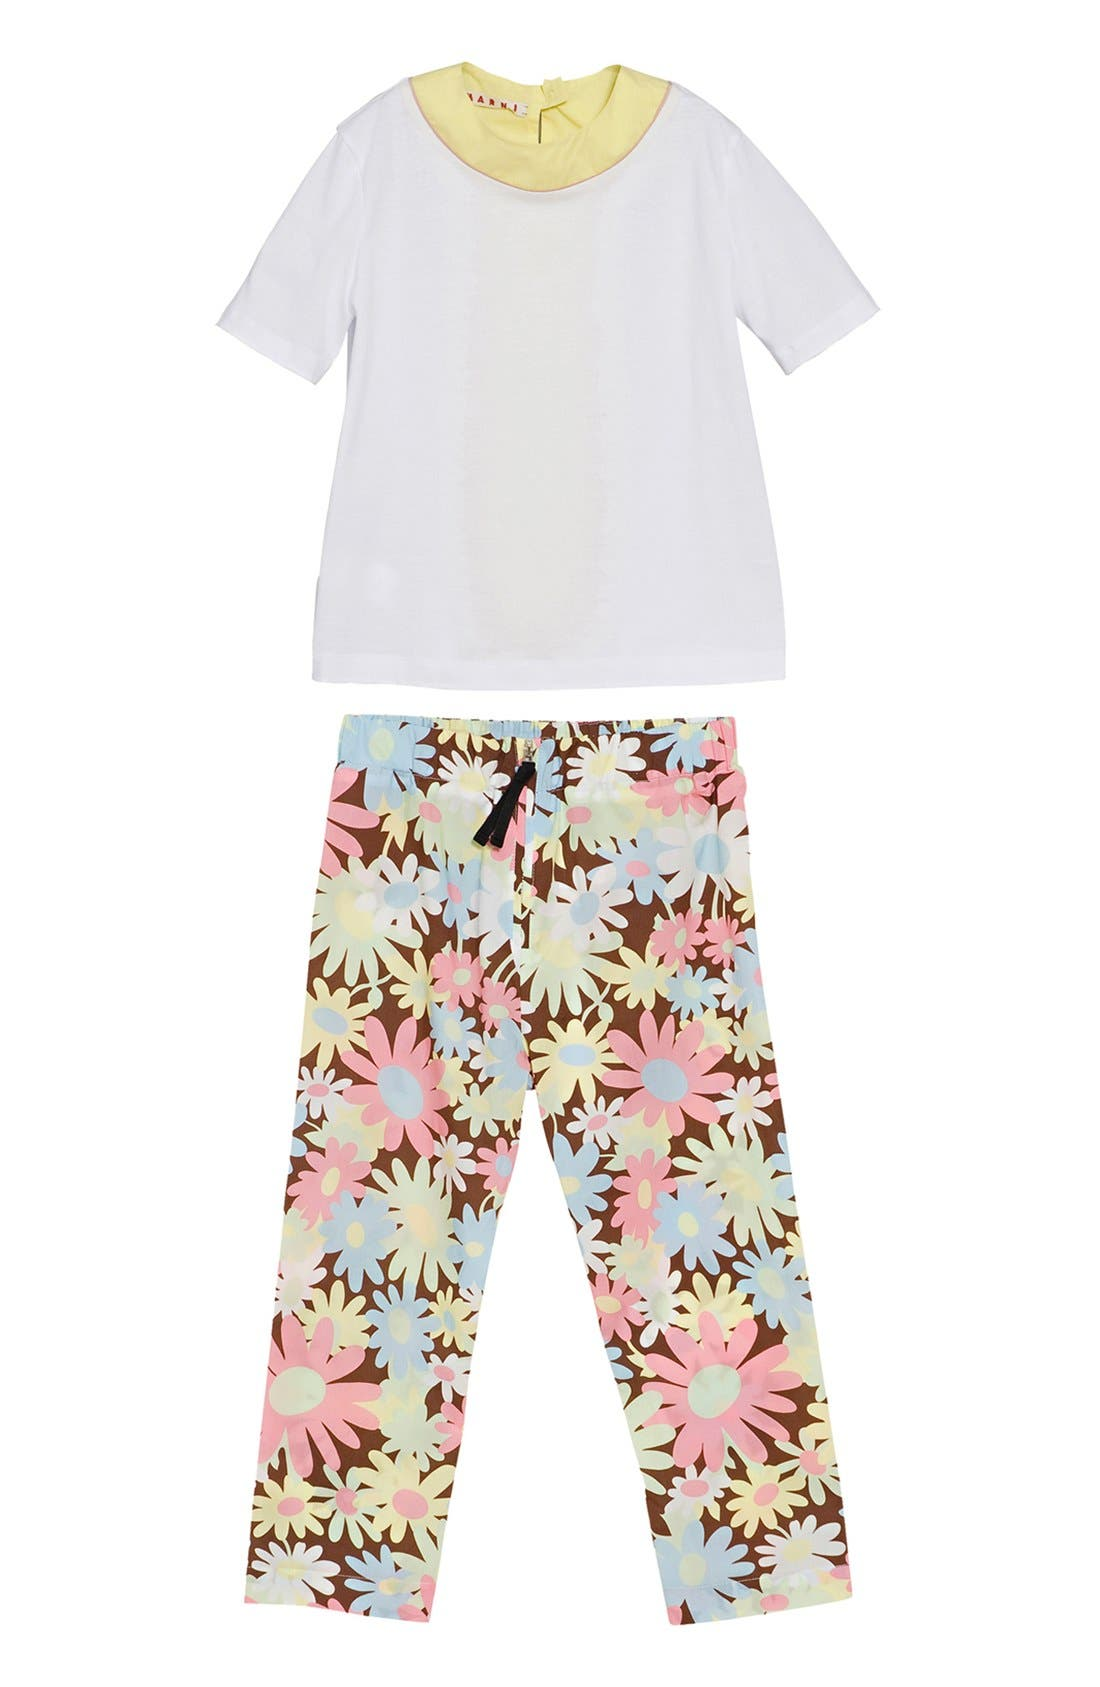 Main Image - Marni Blouse & Trousers (Little Girls & Big Girls)